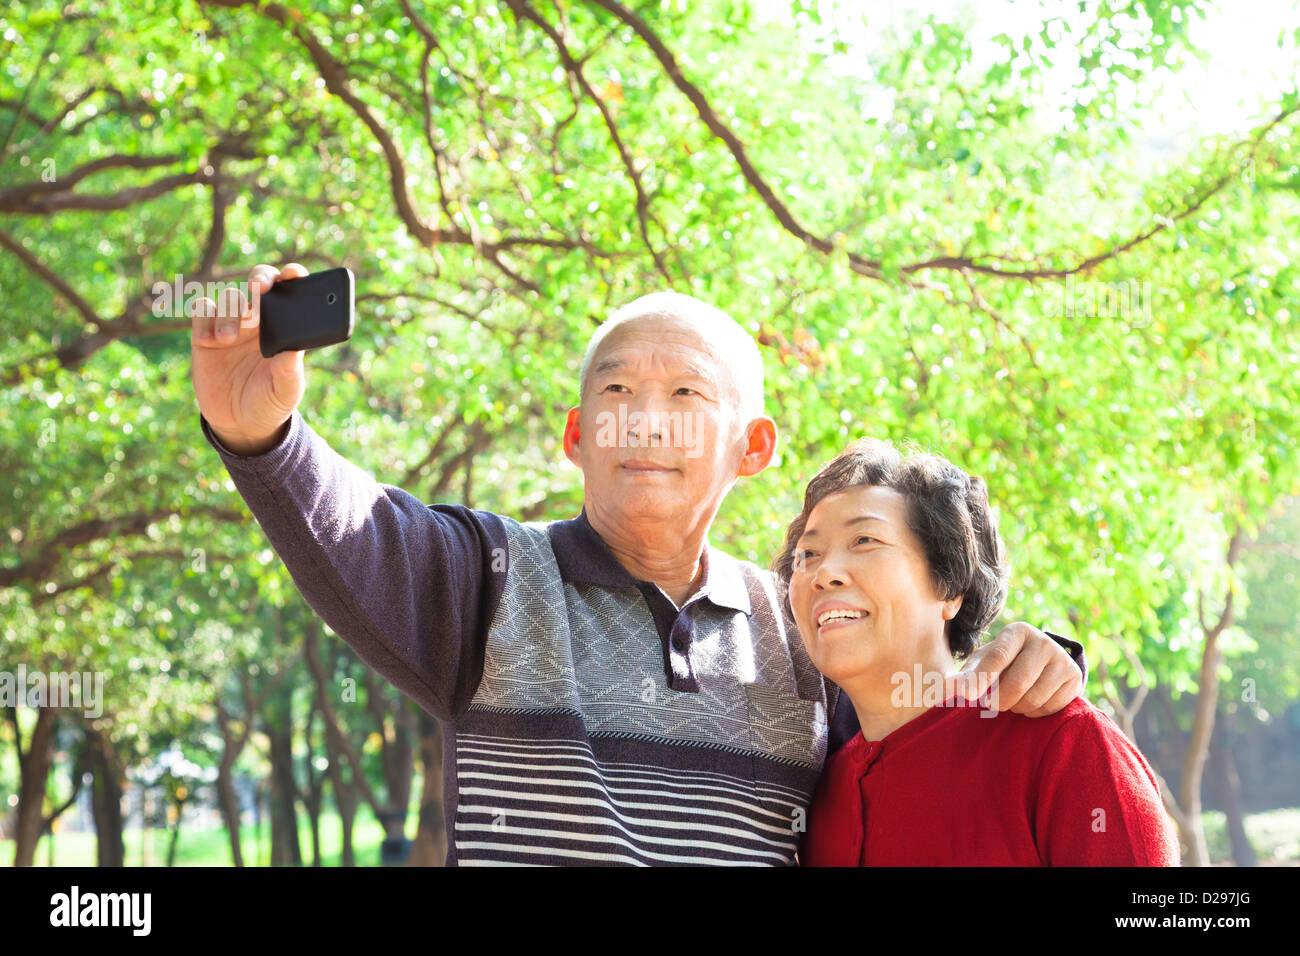 Coppia senior di prendere una foto di loro stessi per esterno Immagini Stock